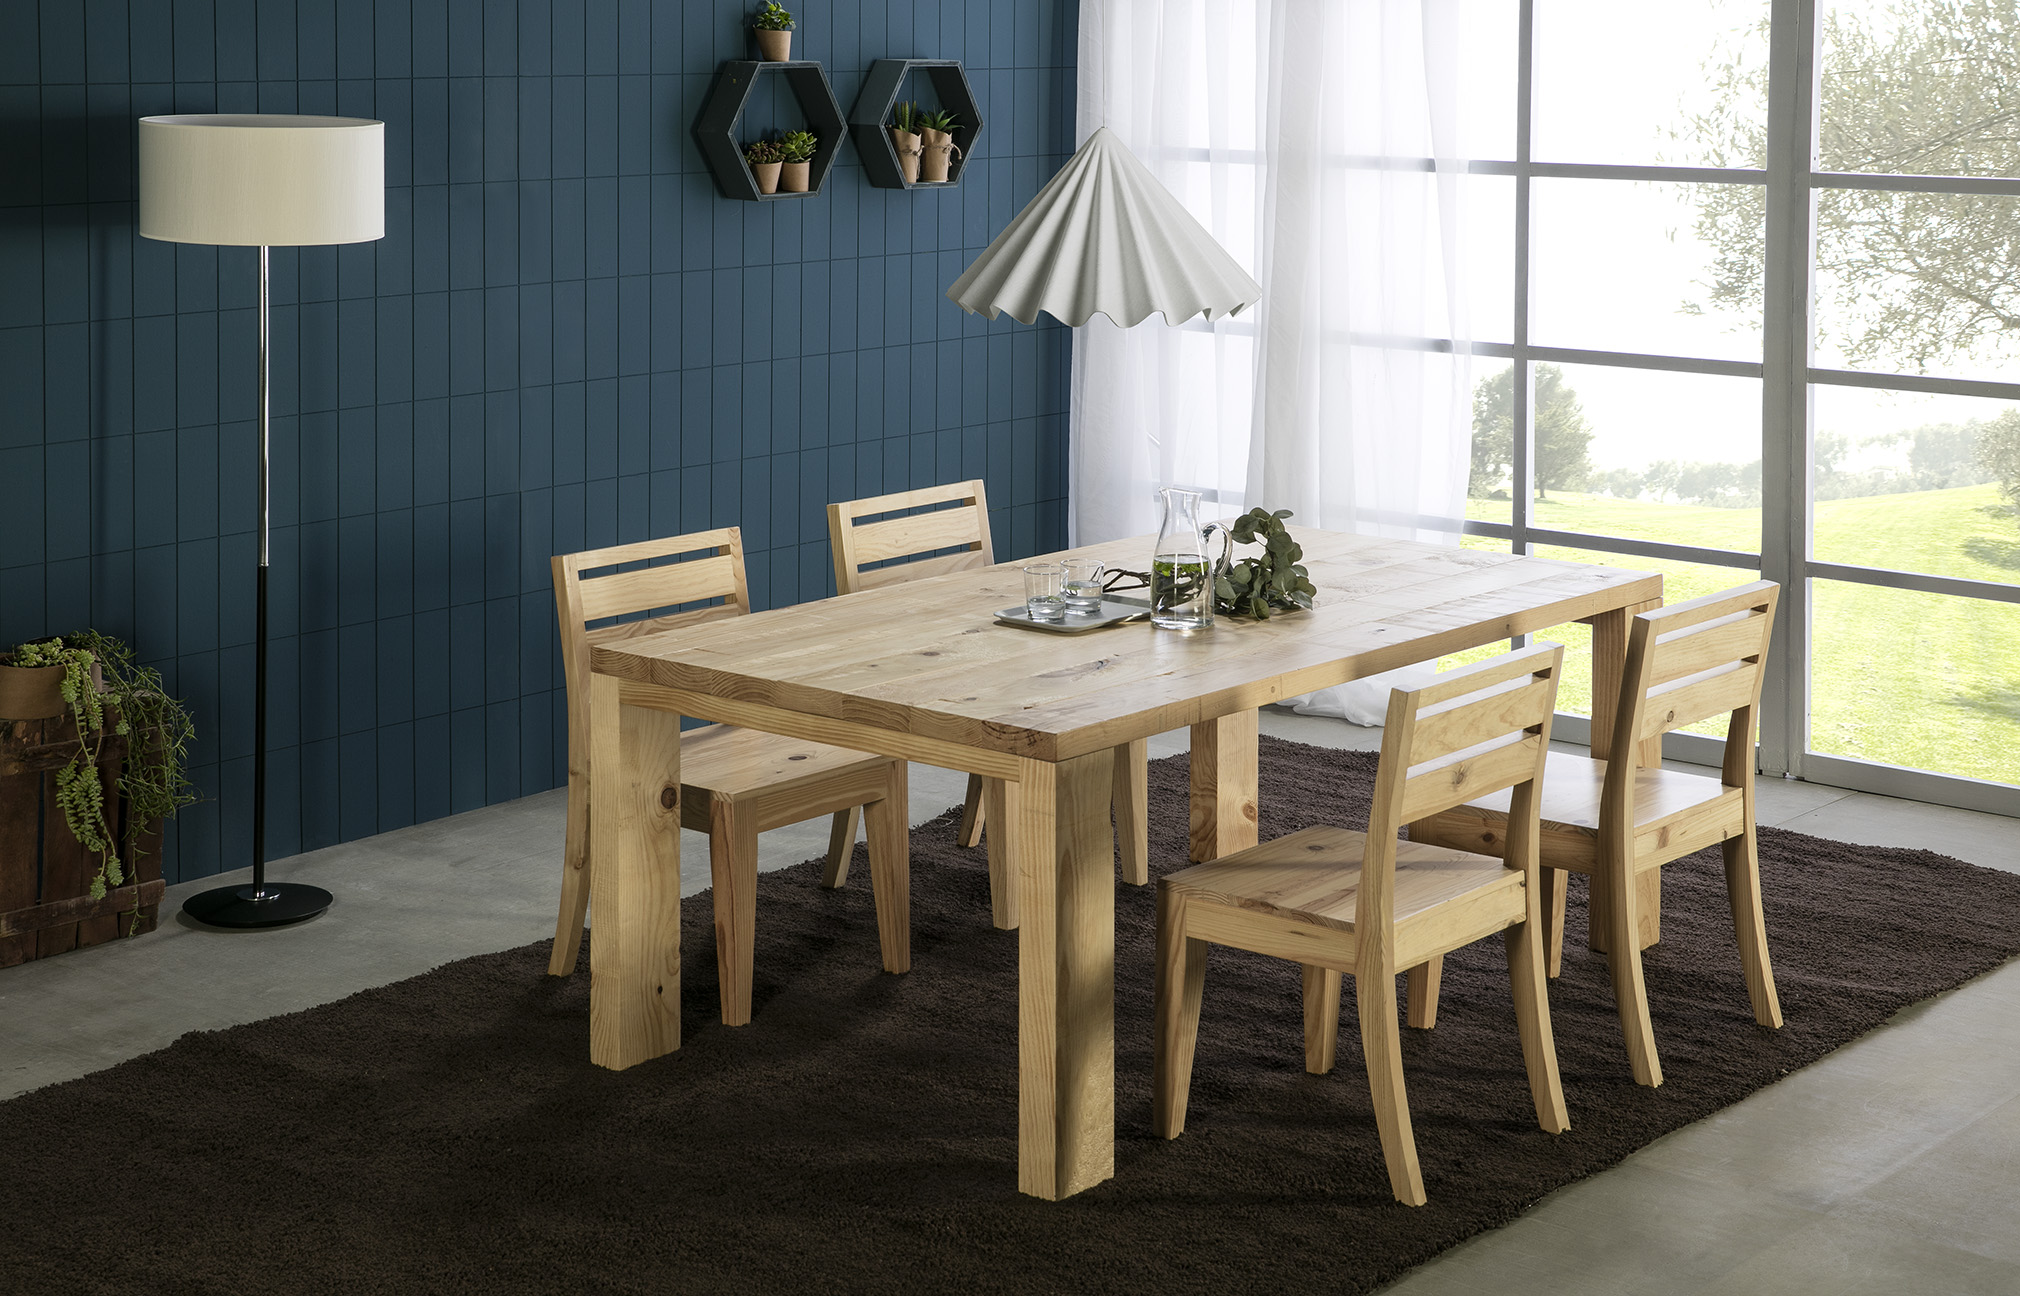 Mueble de madera r stico y colonial en alicante for Muebles rusticos alicante